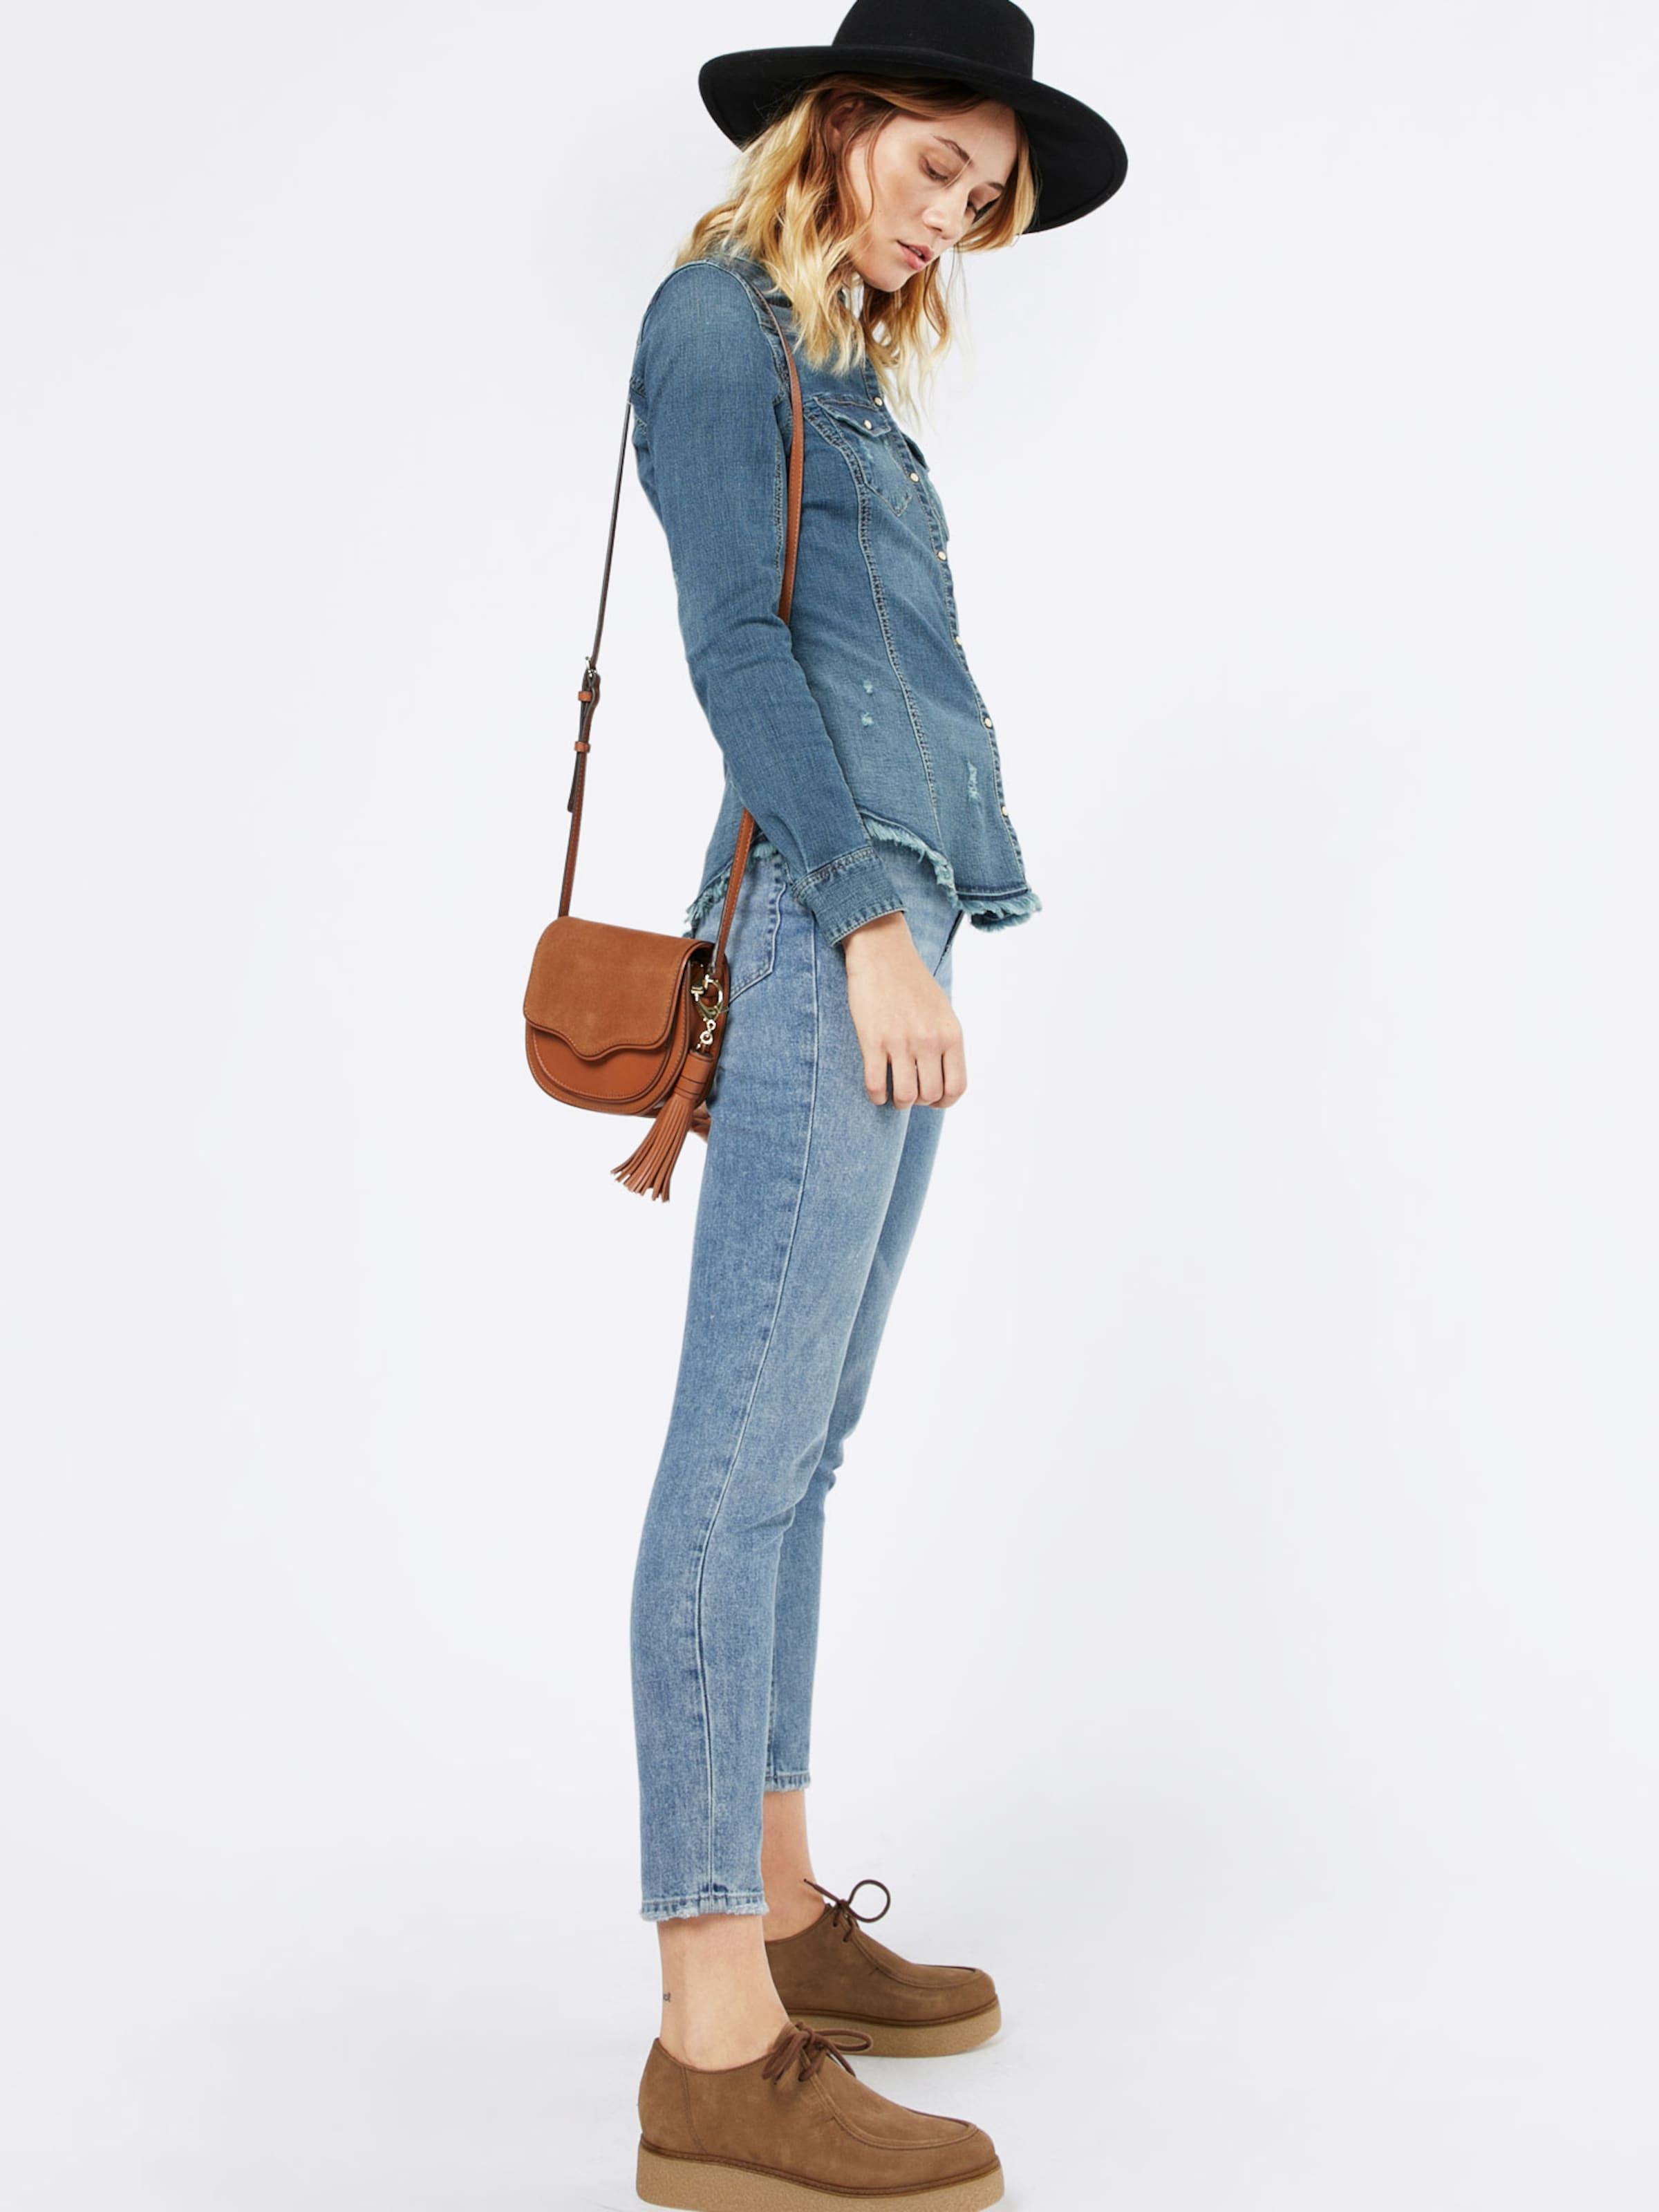 ONLY Jeans Bluse 'onlWENDY' Niedrige Versandgebühr Online Bester Großhandel Günstig Online Spielraum Online-Fälschung Die Günstigste Online irmXgw4VX6